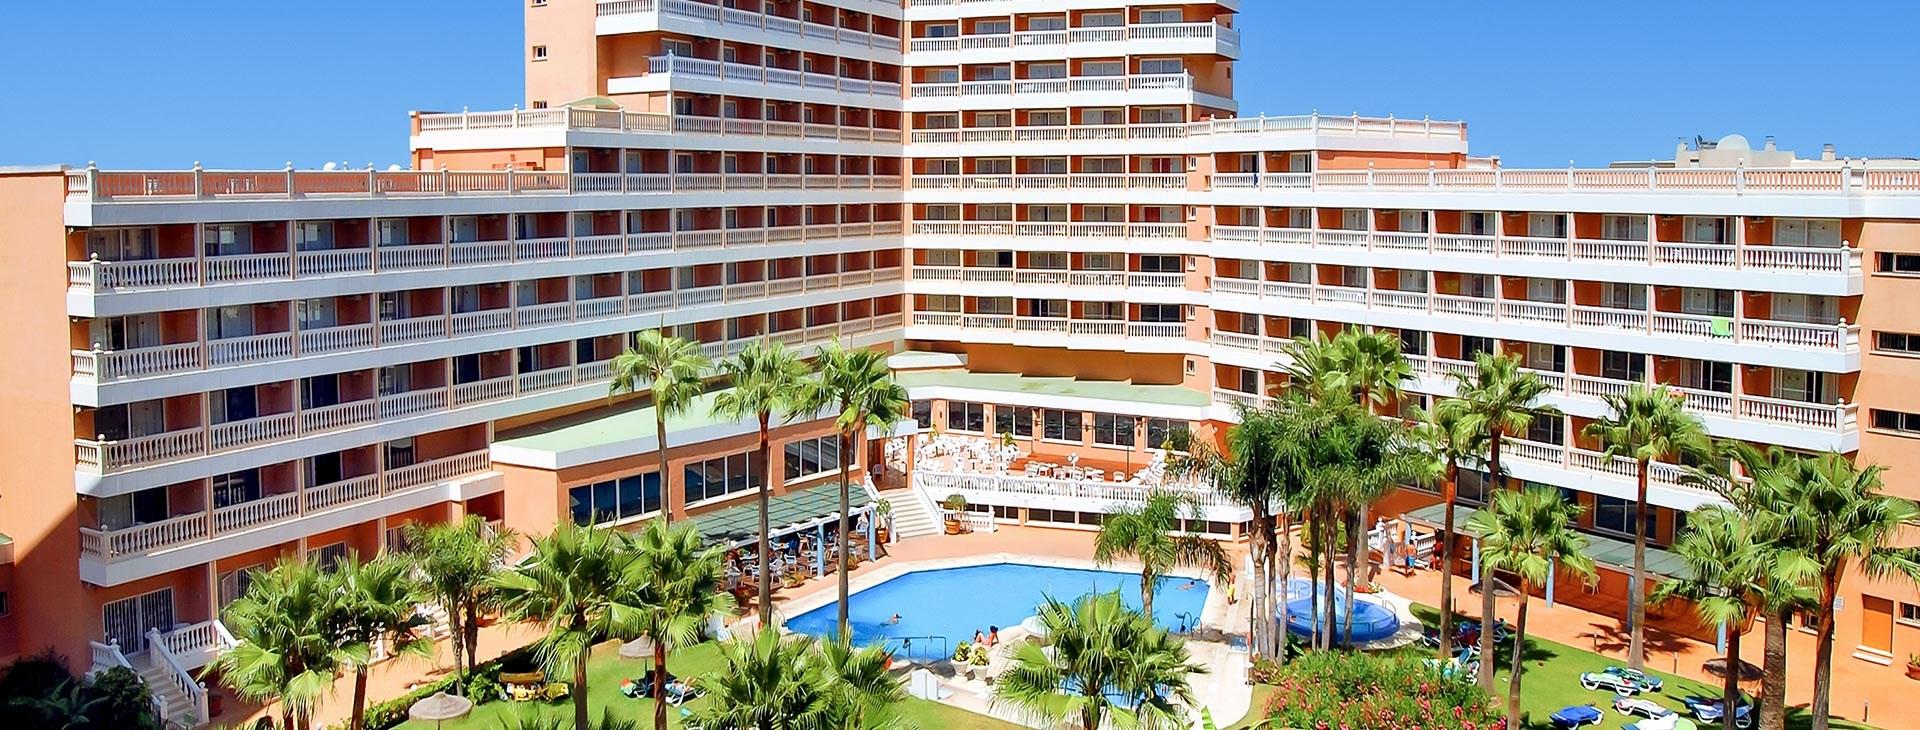 Hotel parasol garden costa del sol hiszpania for Hotel parasol garden